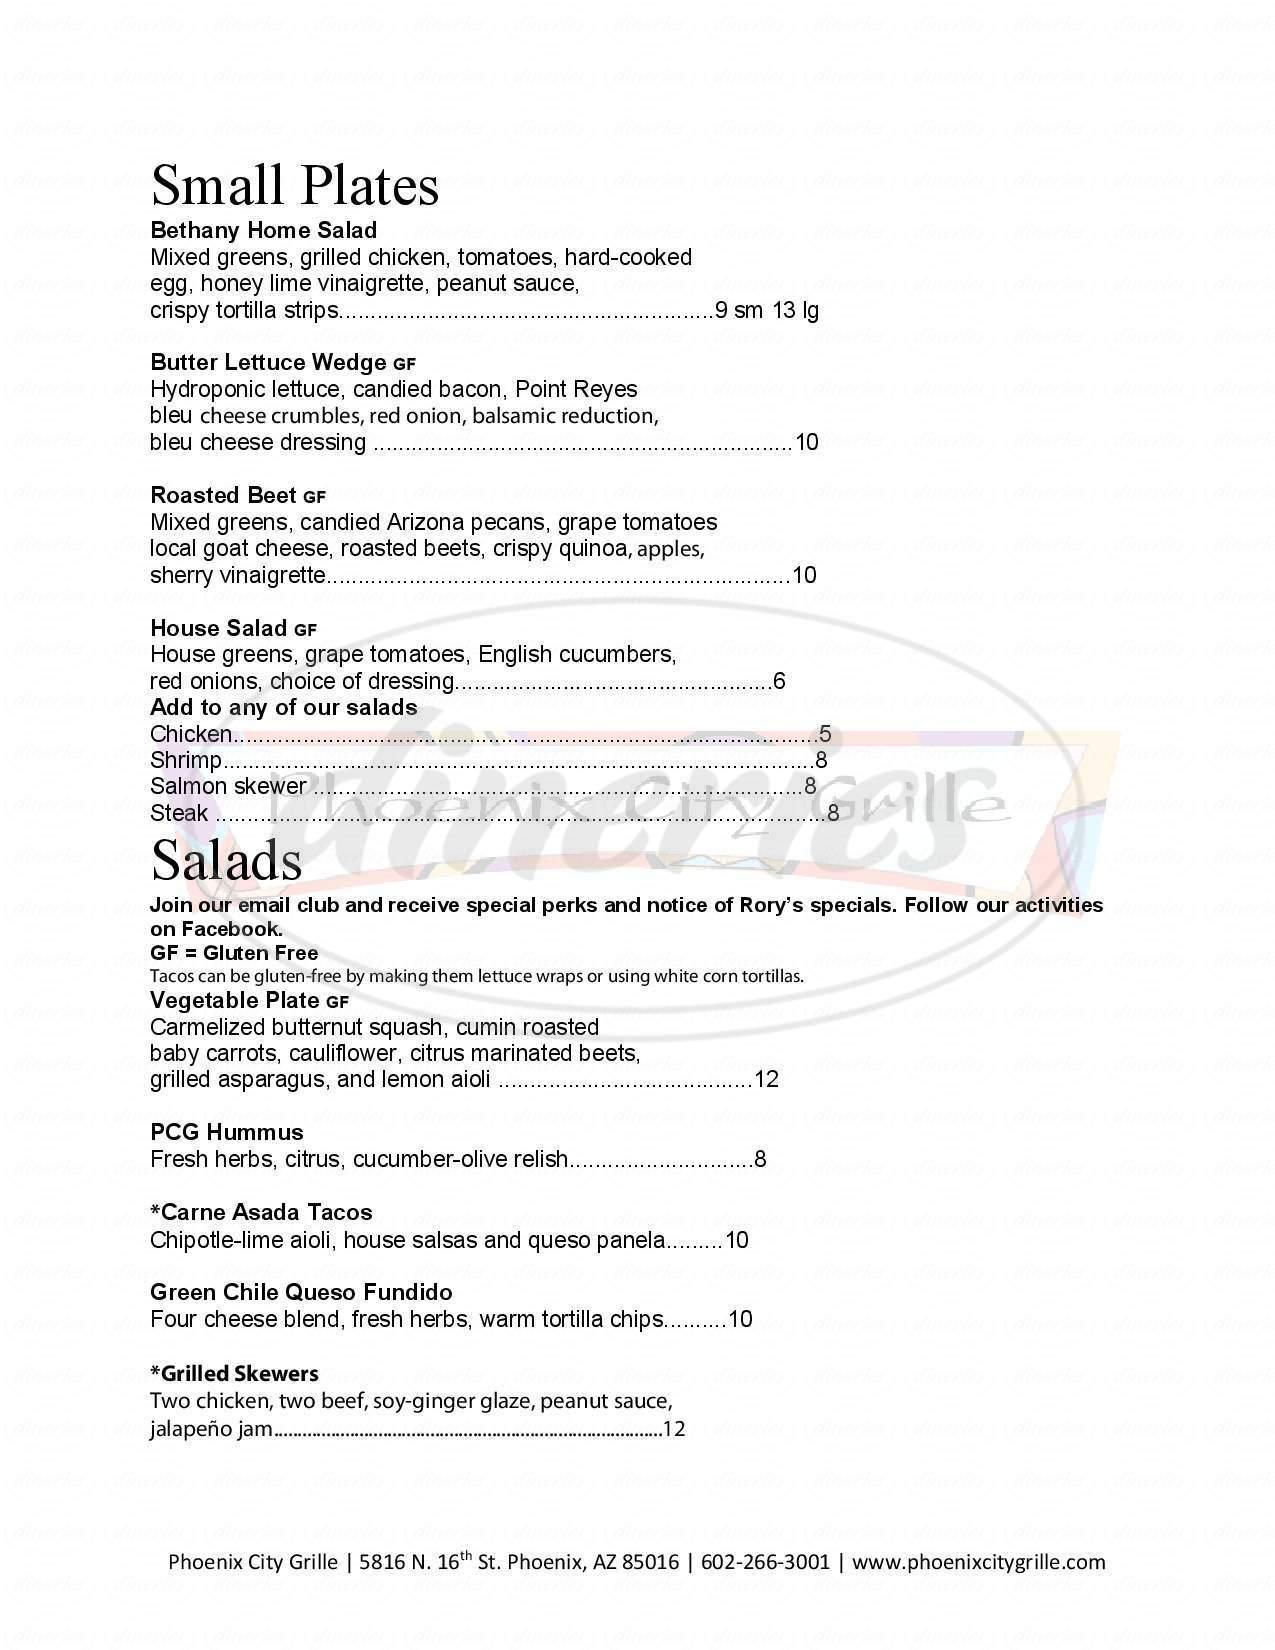 menu for Phoenix City Grille